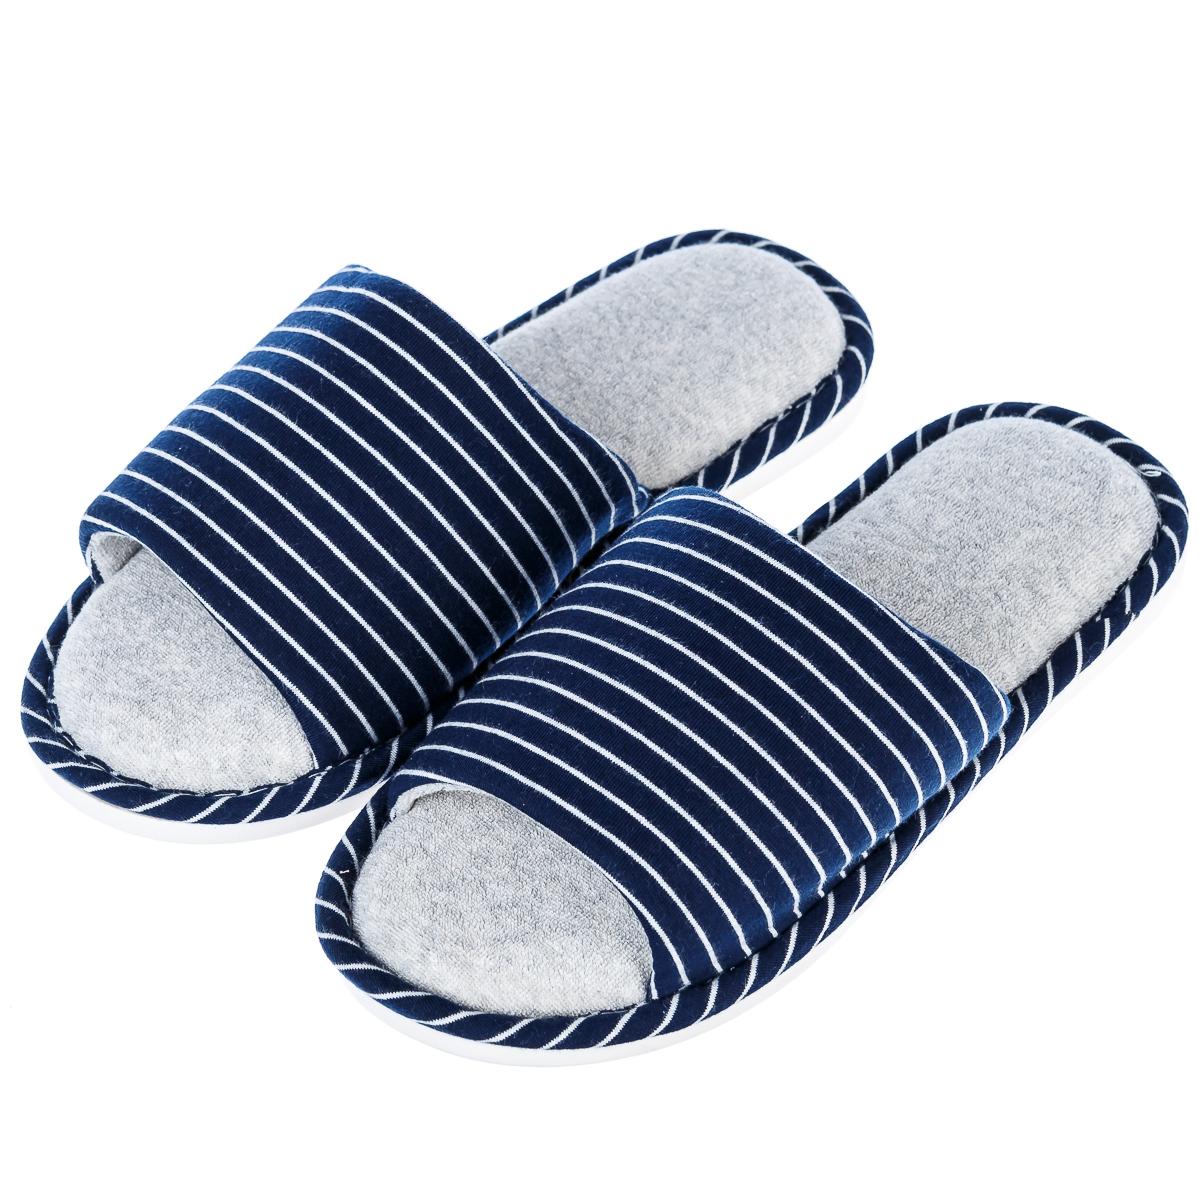 Тапочки мужские домашкие в полоску р.43-44  синие